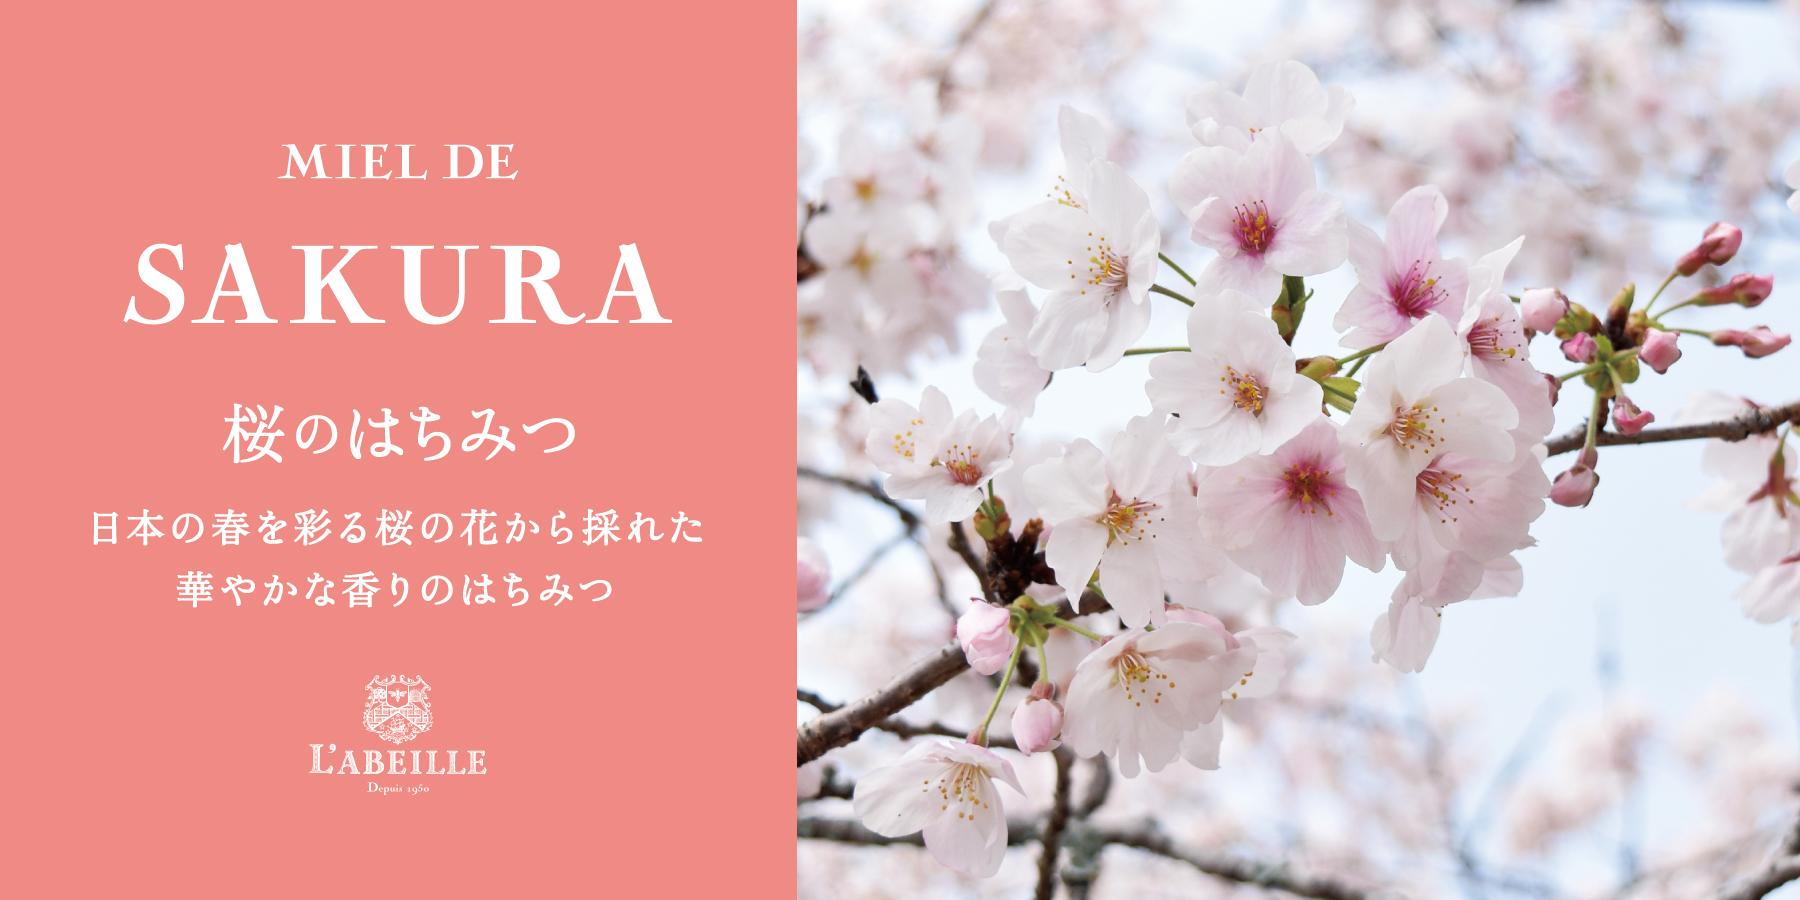 日本の春を彩る桜の花から採れた華やかな香りのはちみつ 桜のはちみつ